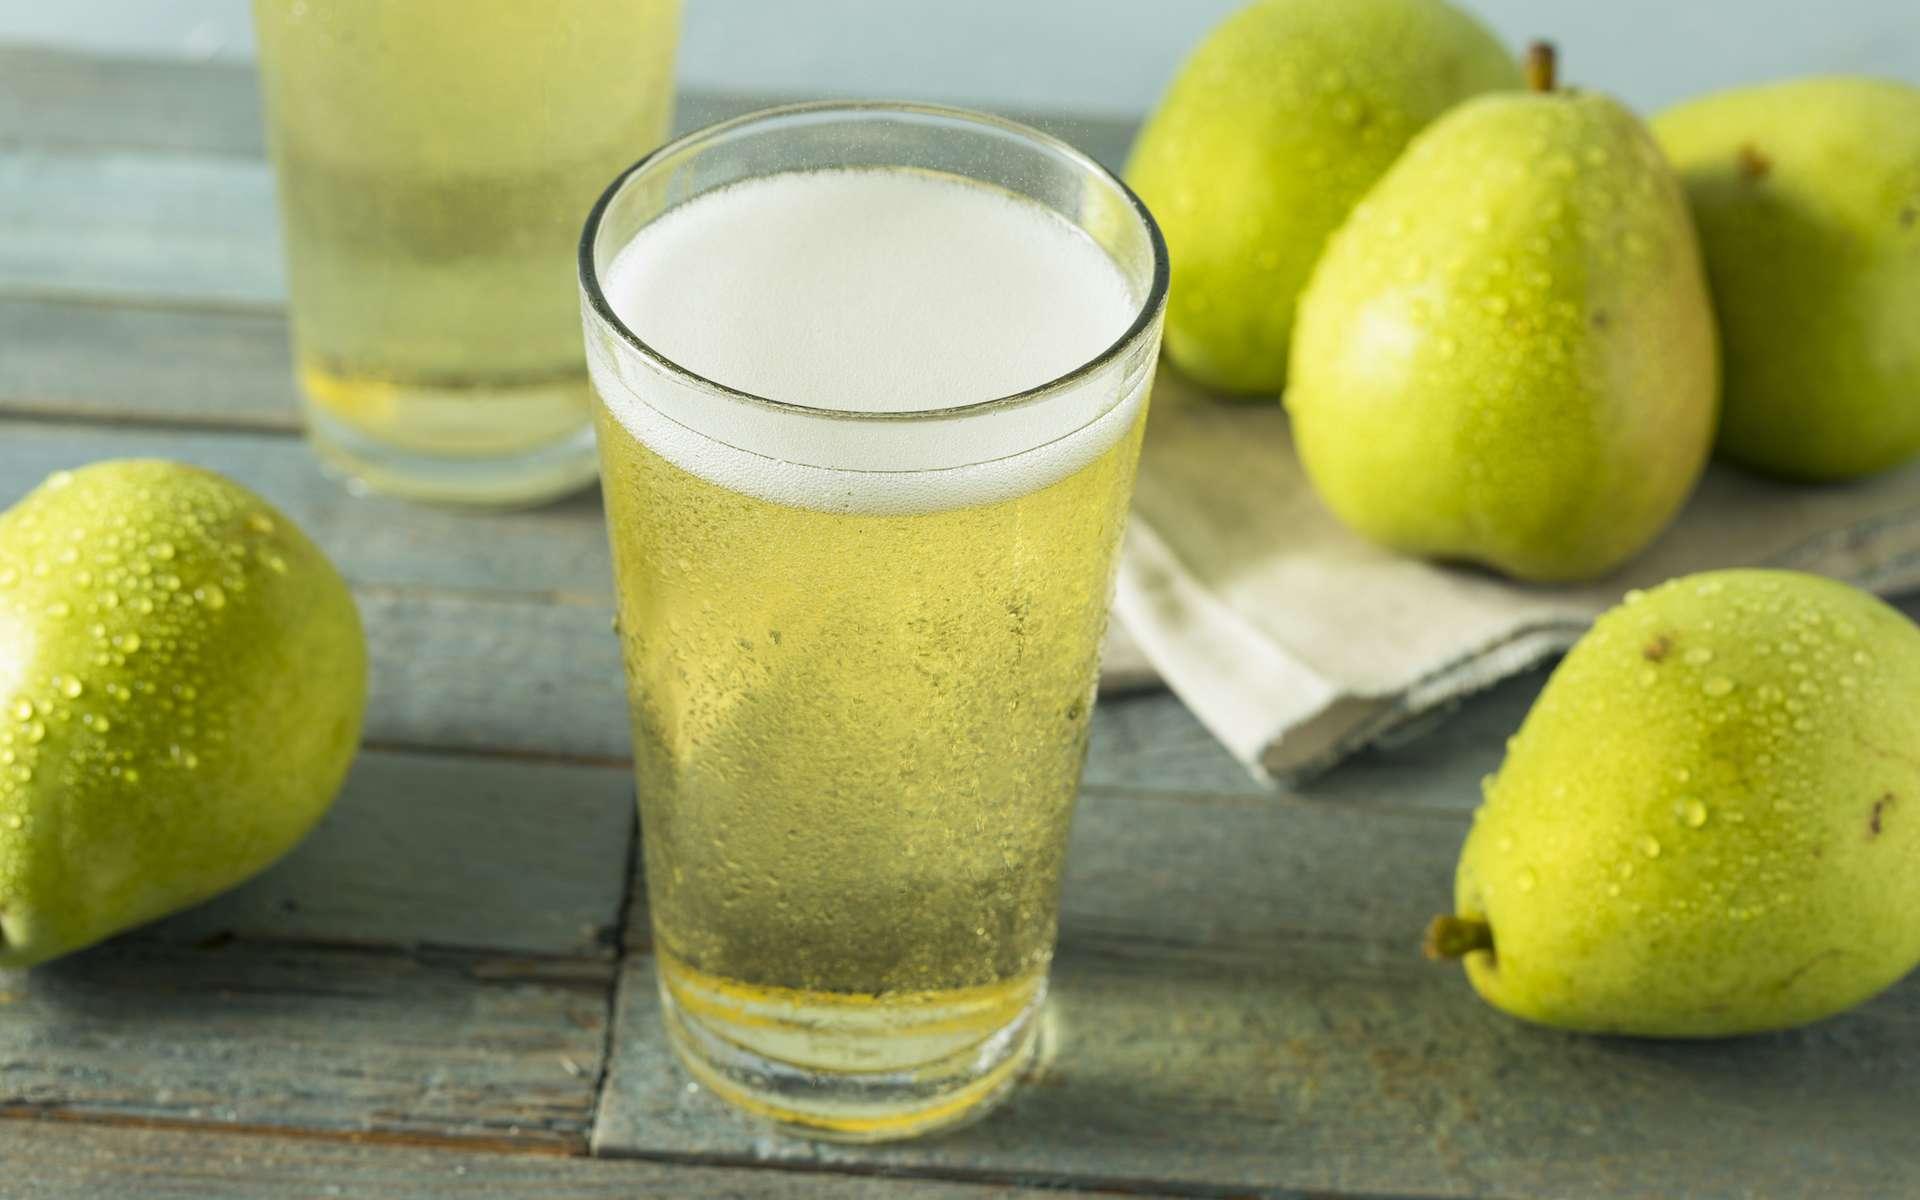 La poire dope la production d'enzymes qui dégradent l'alcool dans l'organisme. © Brent Hofacker, Adobe Stock